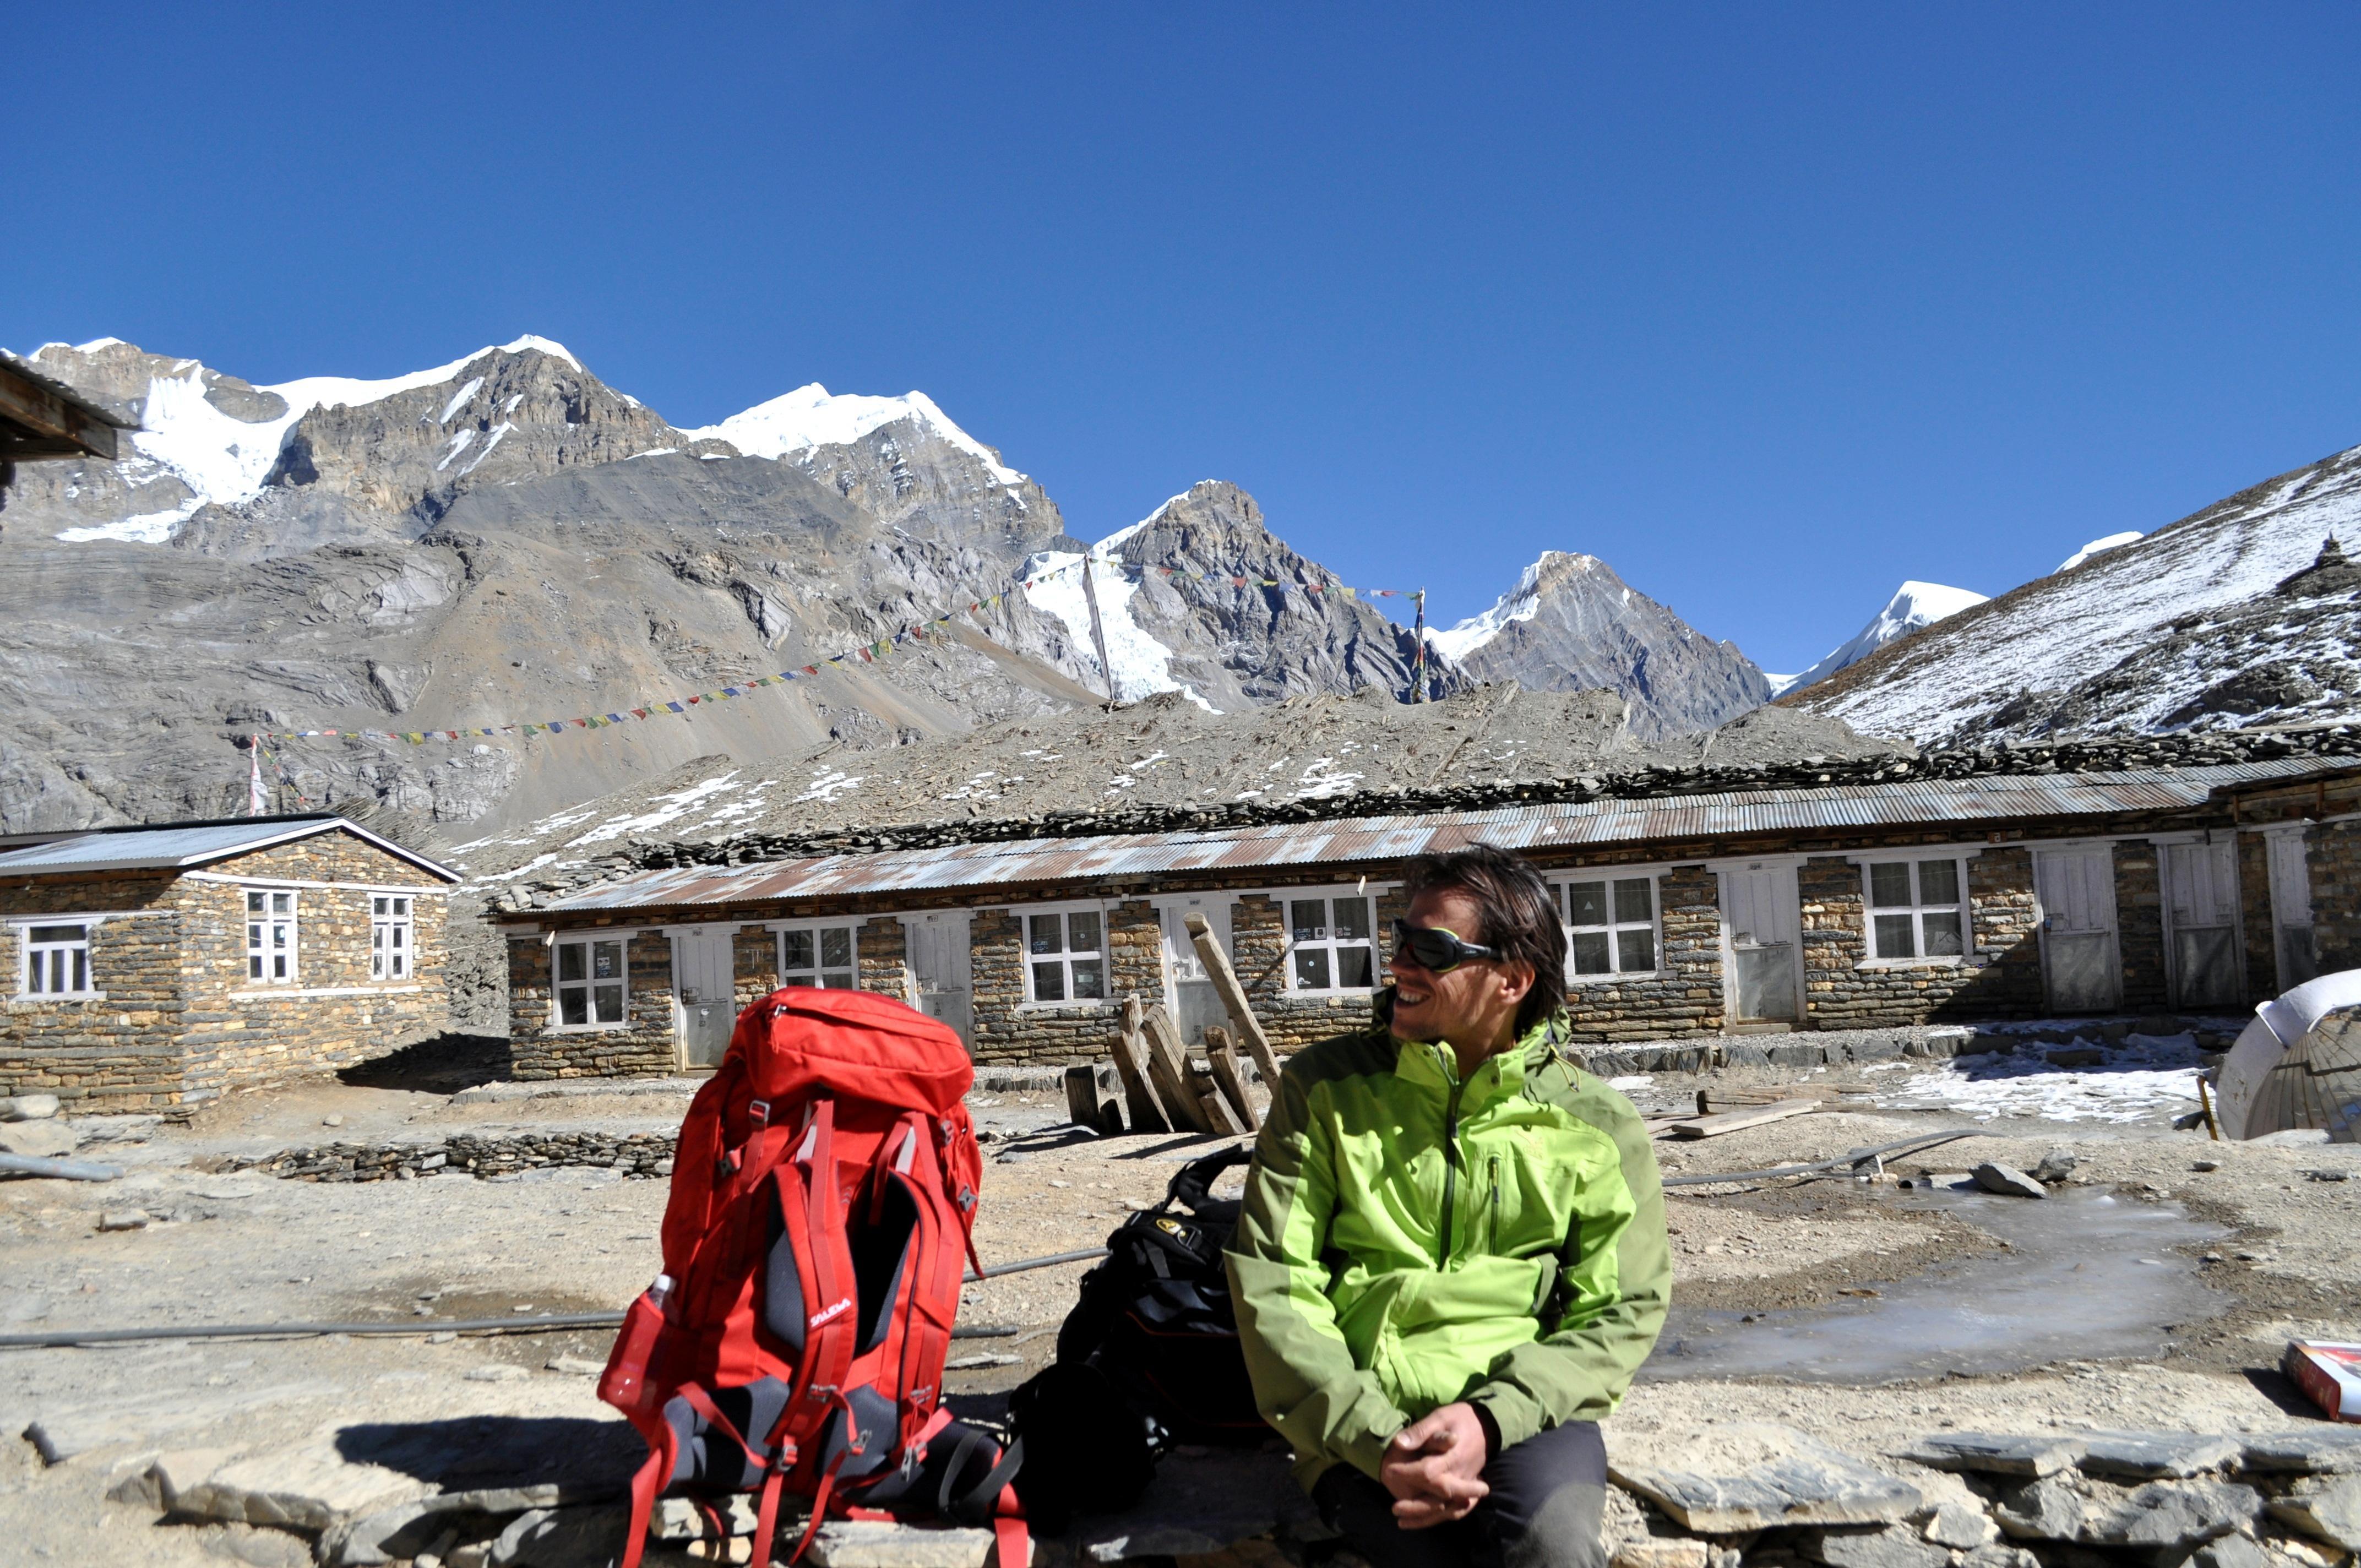 Presso l'High Camp c'è solo uno Hotel, molto grande, che offre ristoro ai trekkers prima dell'ultima fatica fino al Thorong La Pass